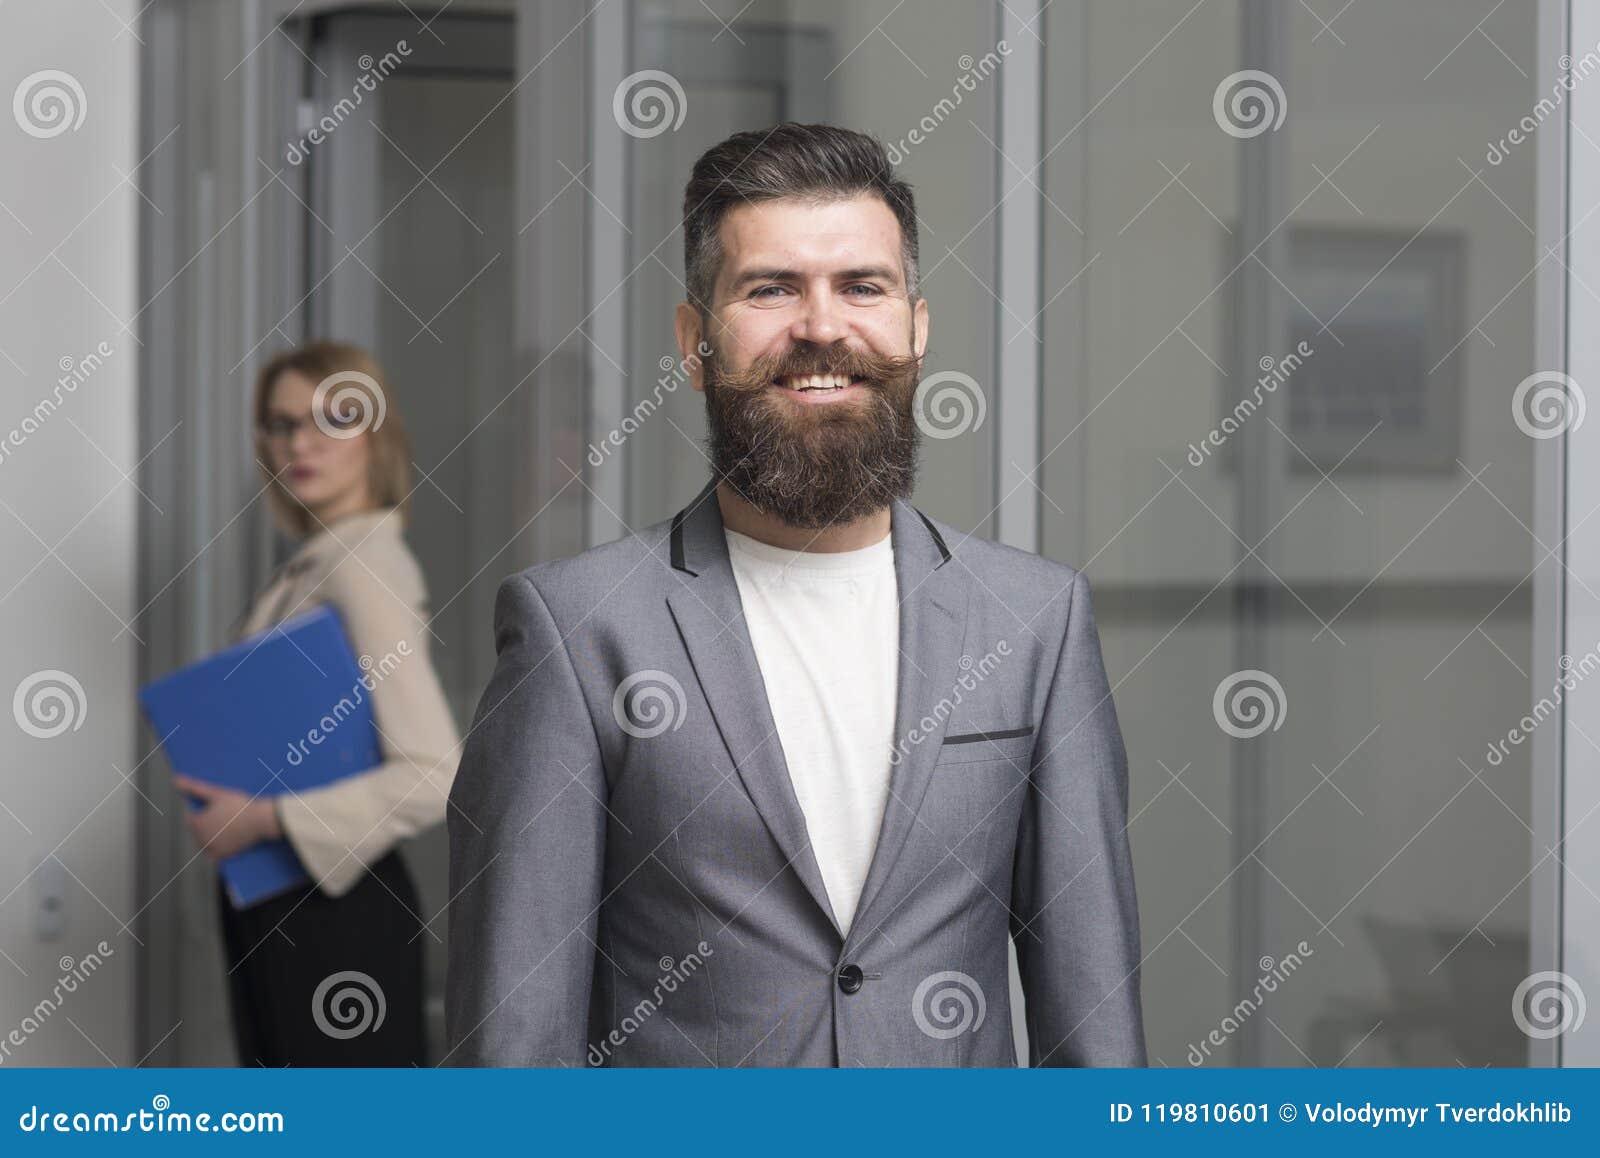 Szczęśliwy biznesmen z zamazaną kobietą na tle Brodaty mężczyzna w formalnym kostiumu w biurze Ufny mężczyzna uśmiech z brodą